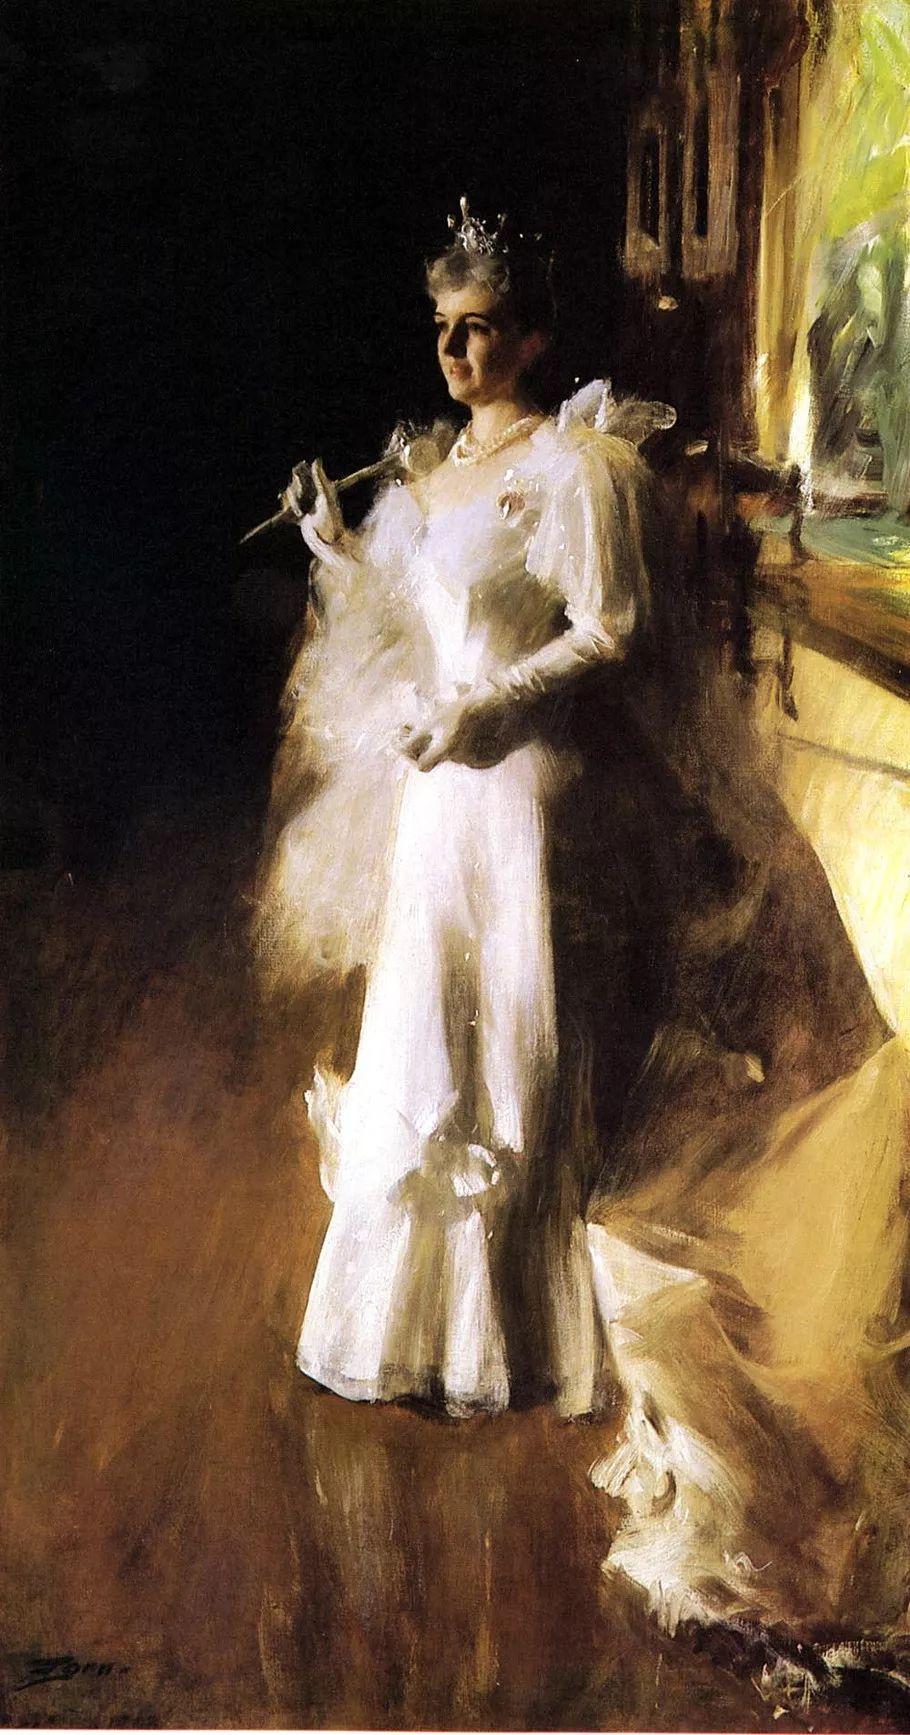 瑞典著名绘画大师Anders Zorn油画作品插图13